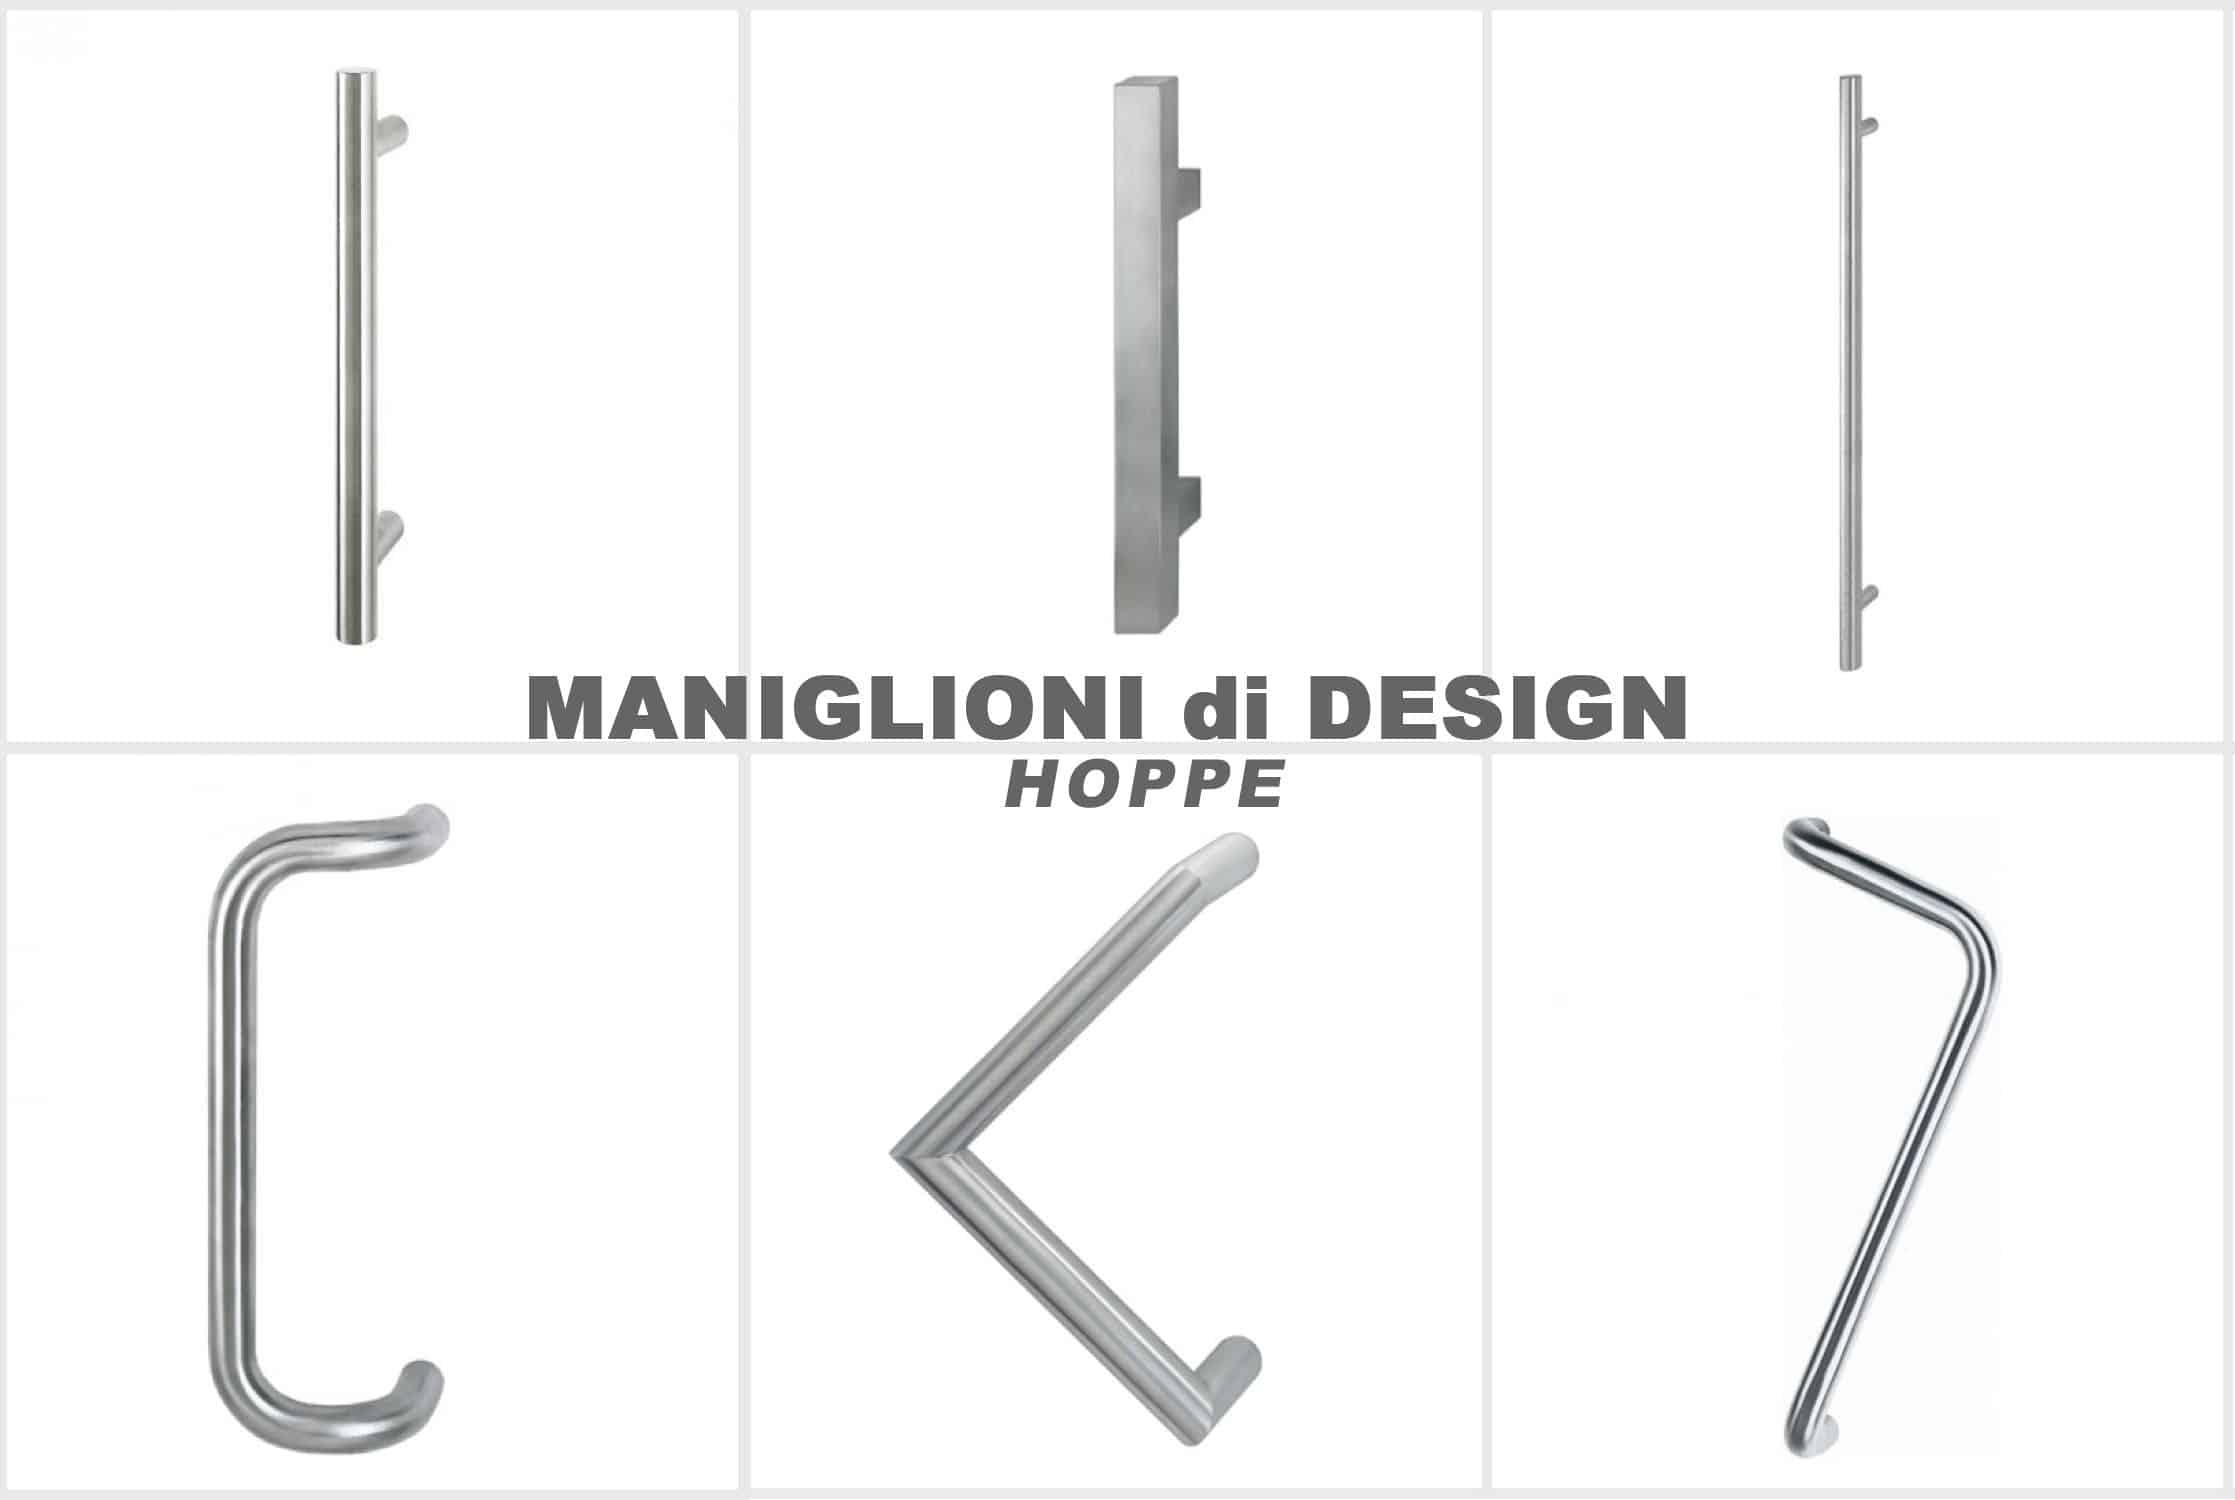 maniglioni di design